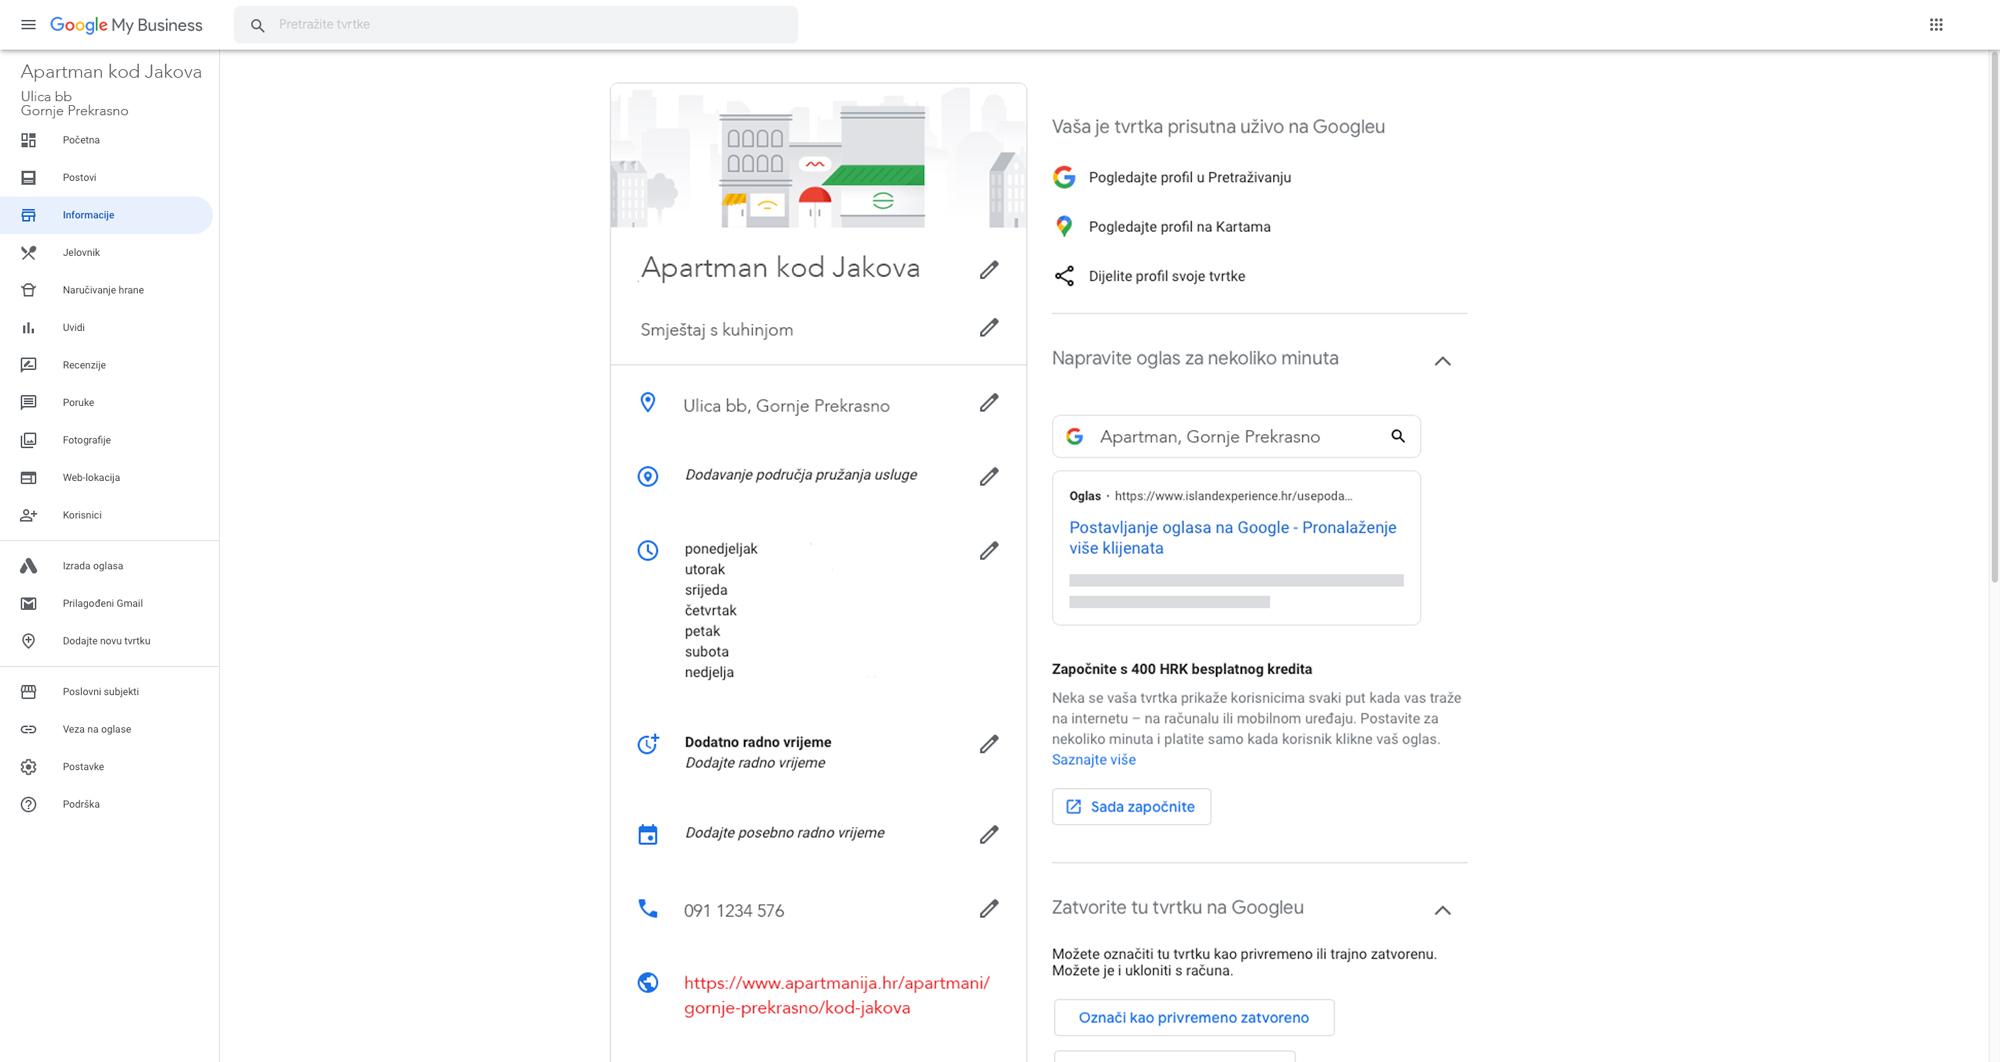 Informacije o tvrtki na Google My Business